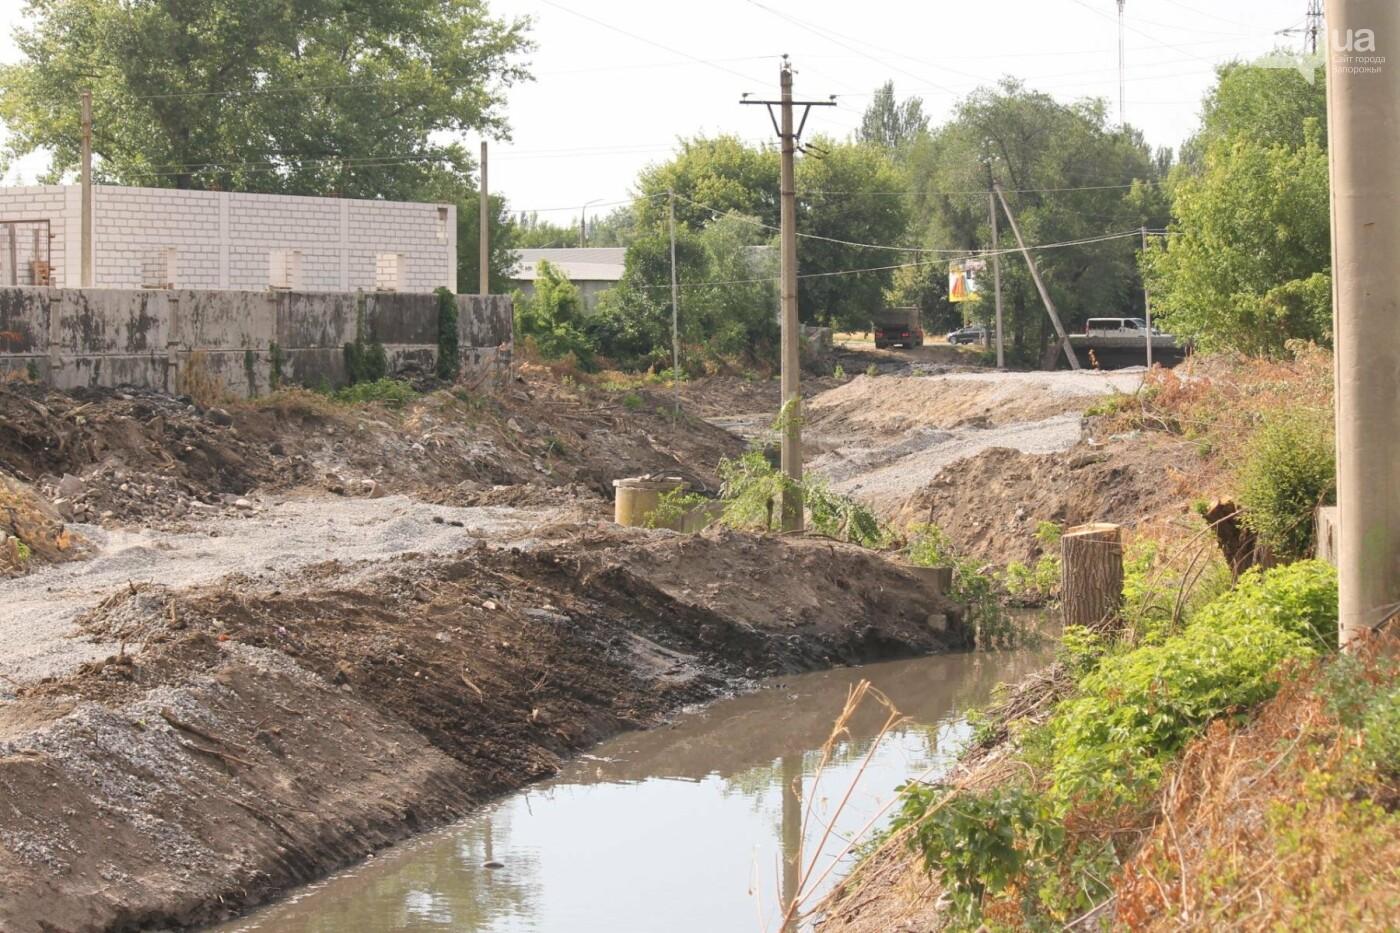 В Запорожье продолжается многомиллионная расчистка русла реки на Верхней Хортице, – ФОТОРЕПОРТАЖ, фото-5